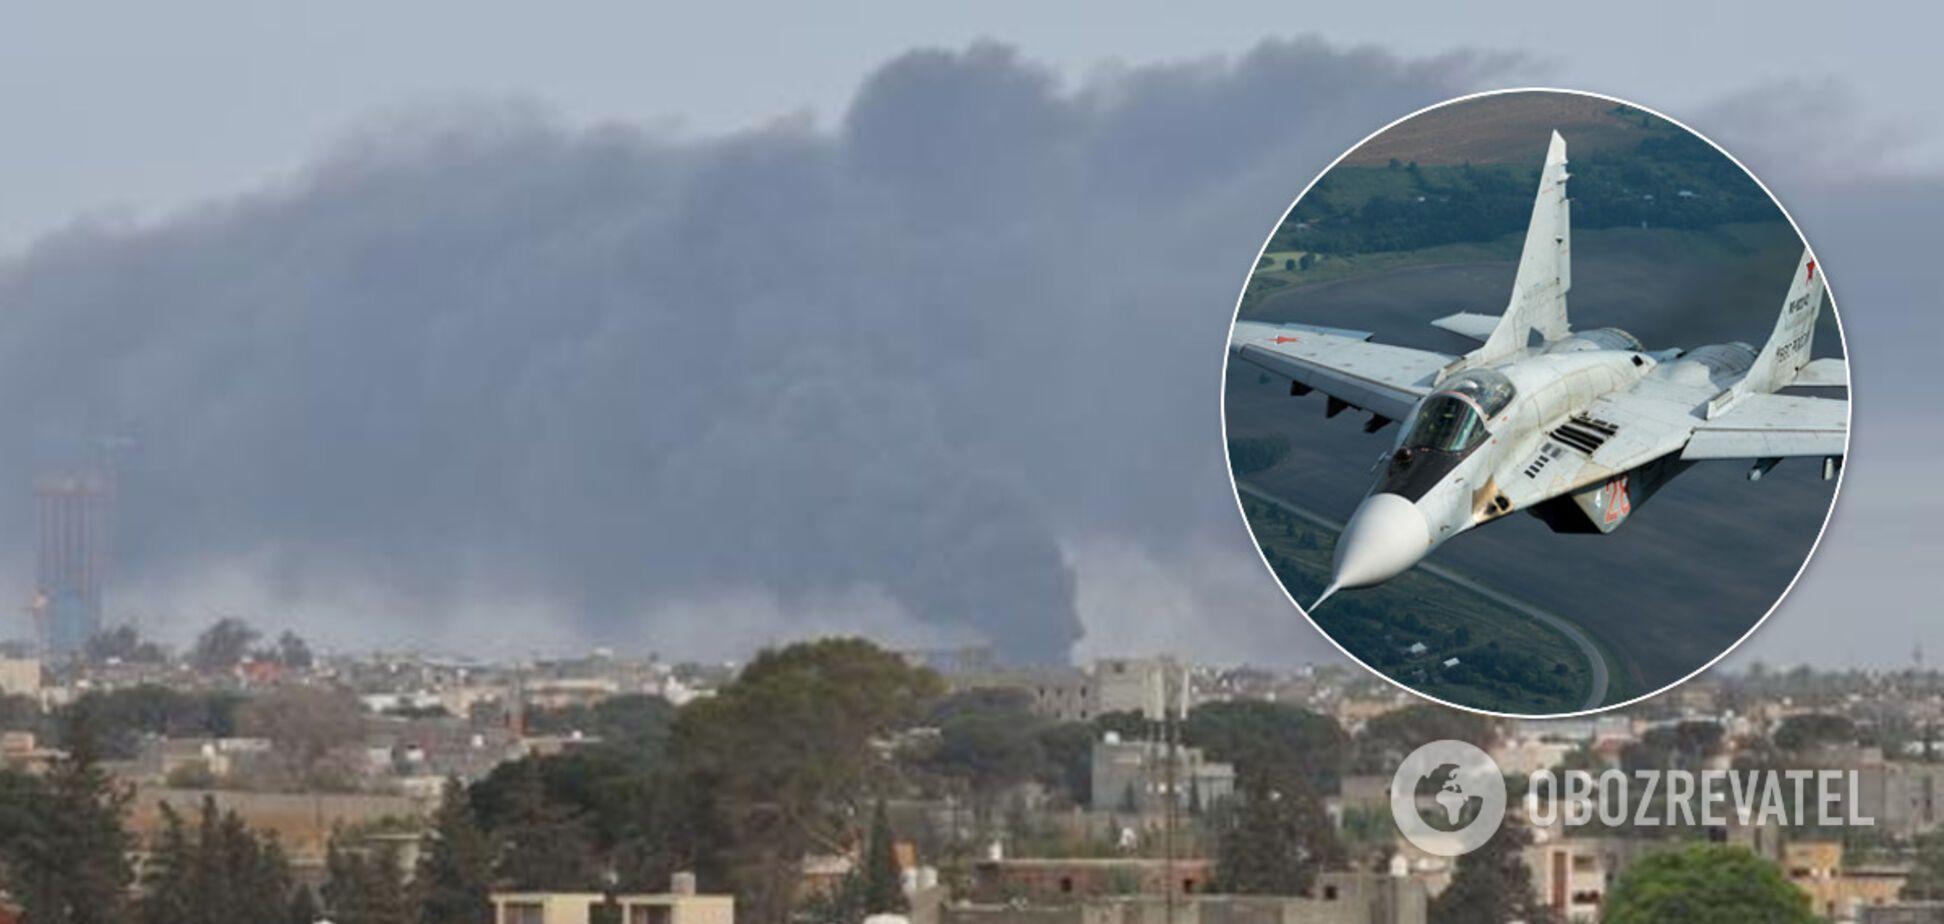 РФ перебросила в Ливию десятки истребителей: Пентагон отреагировал